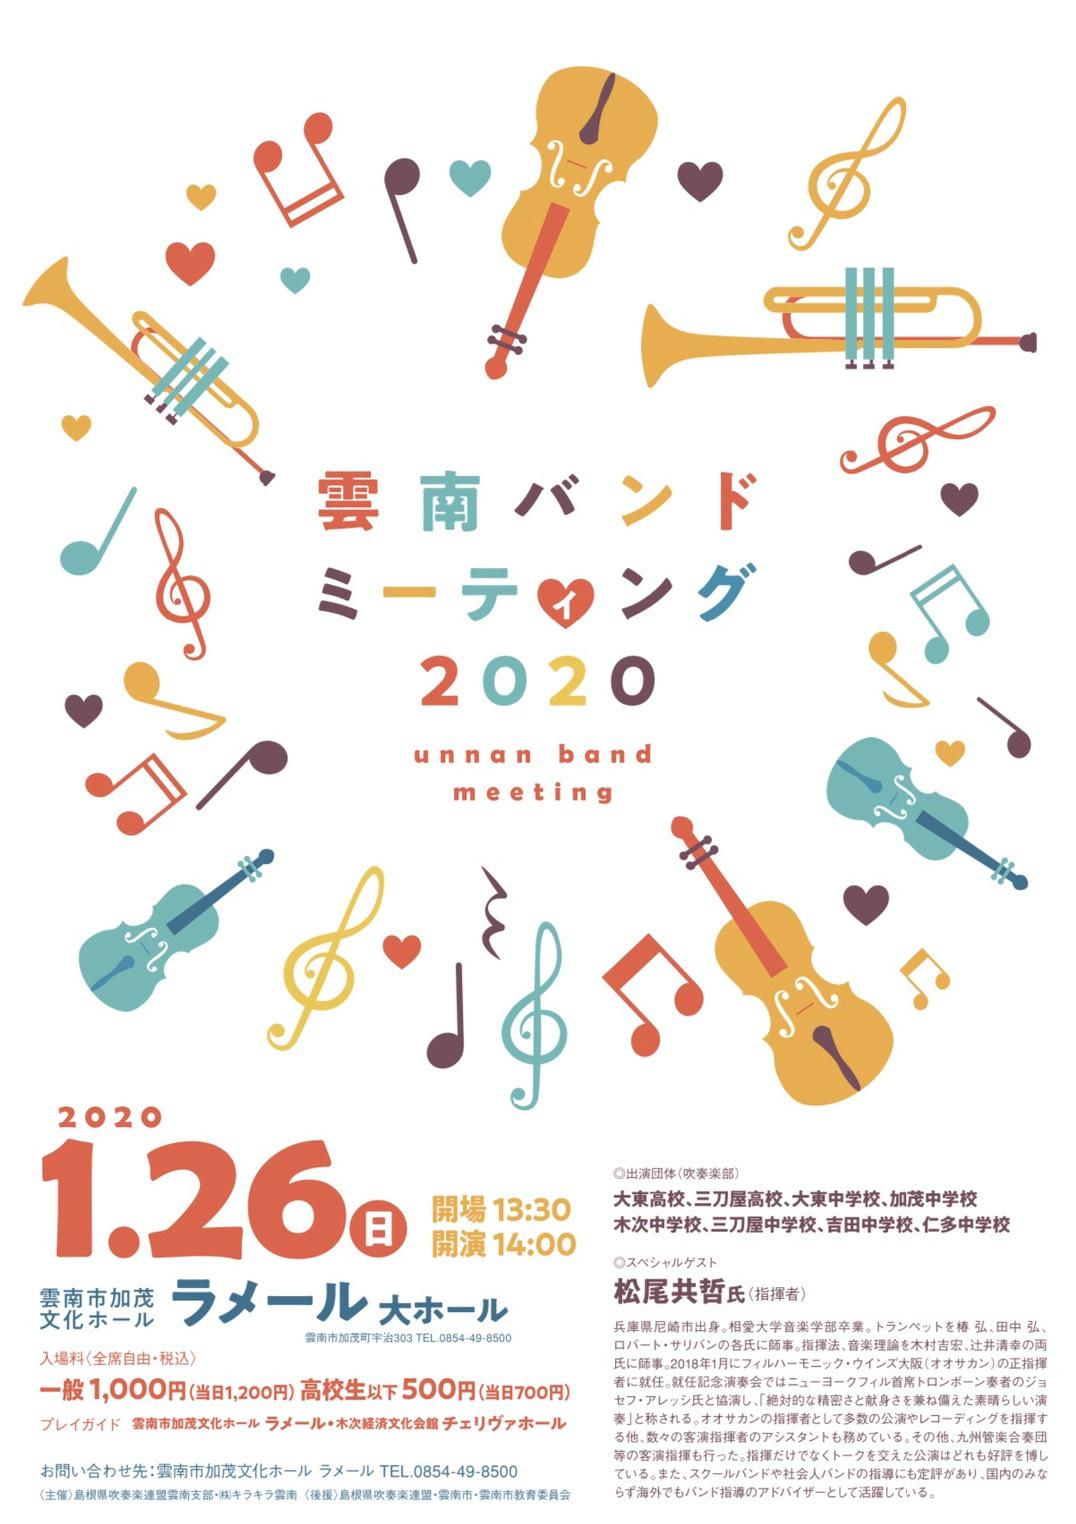 雲南バンドミーティング2020